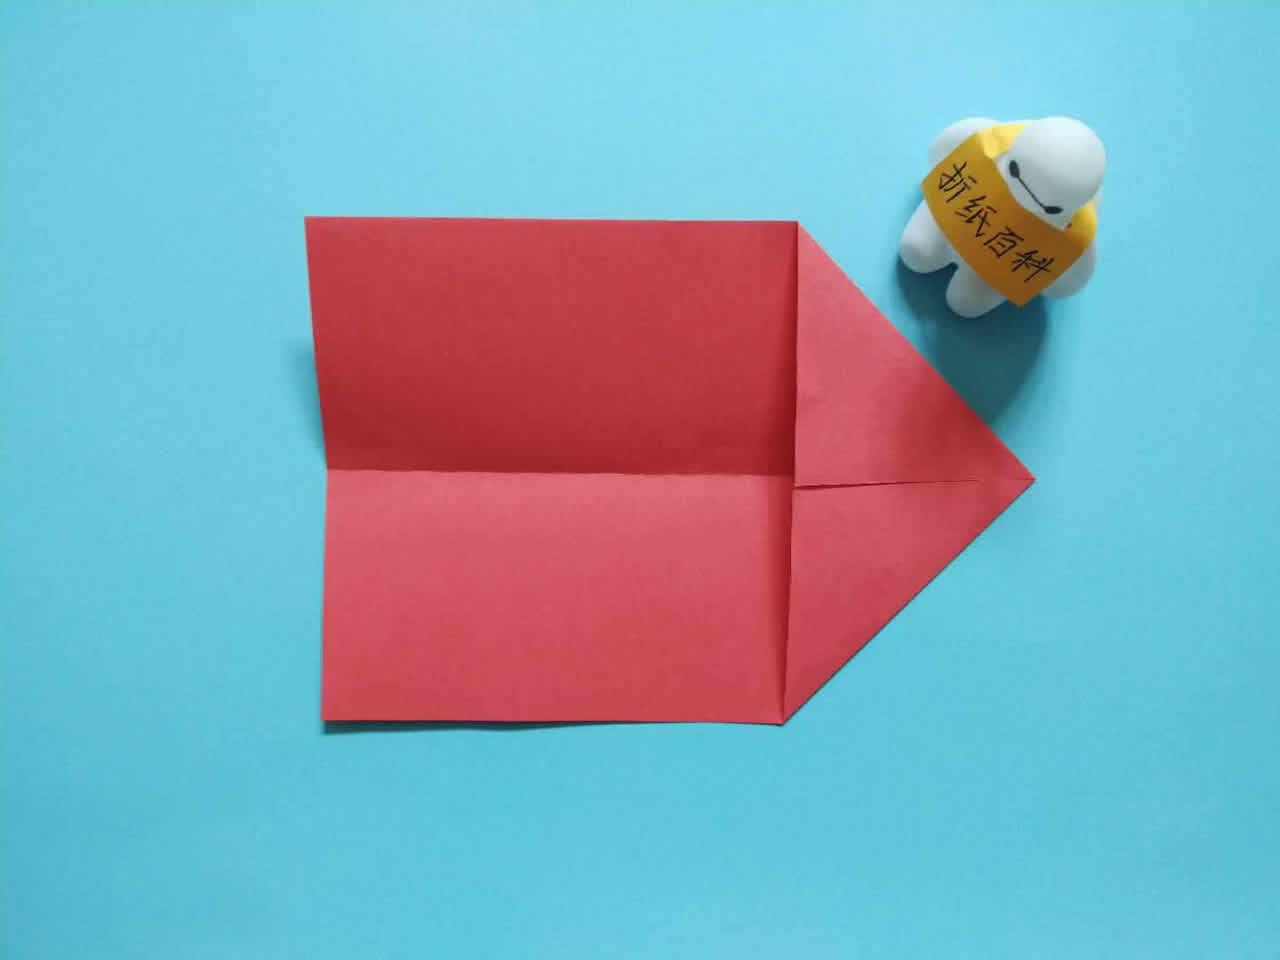 能飞得很远的折纸飞机,简单几步就做好,手工DIY折纸图解教程 家务妙招 第2张